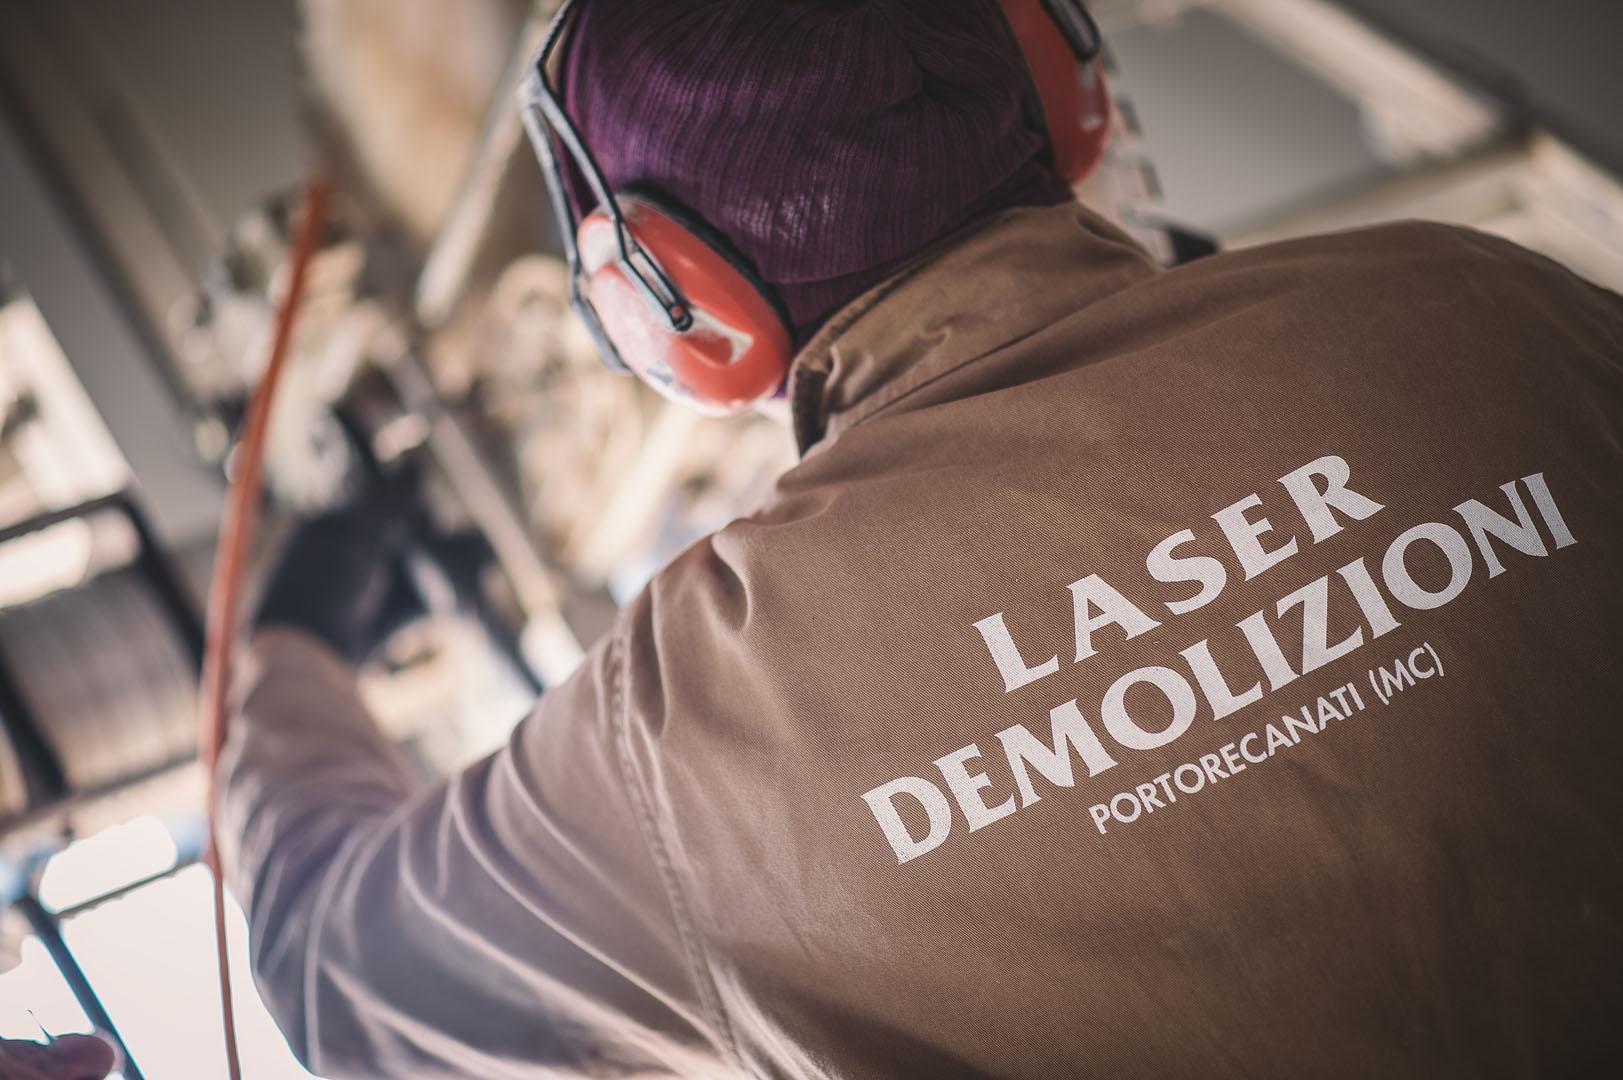 Home laser